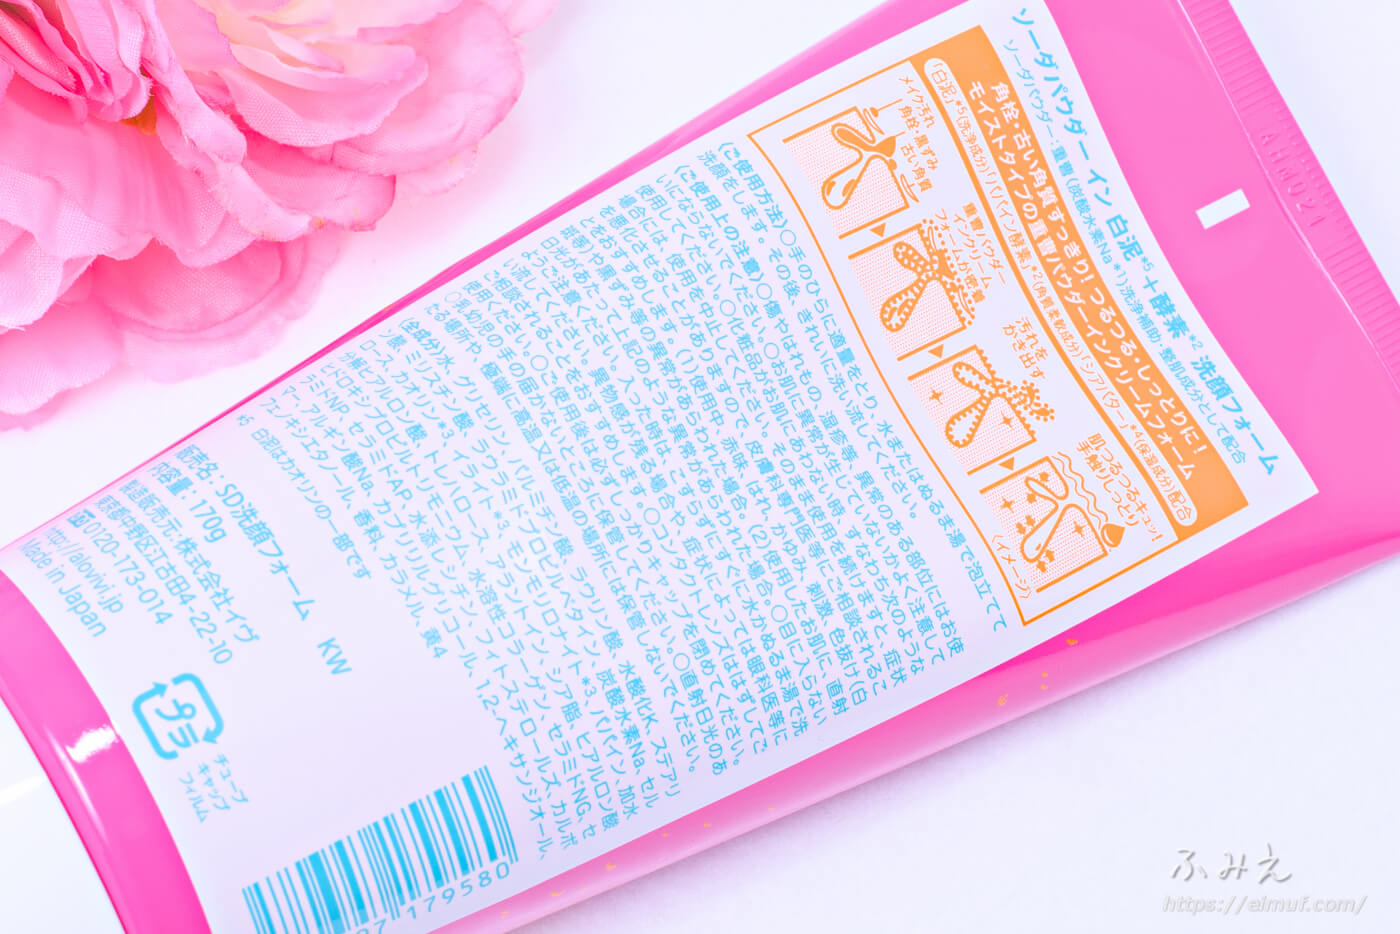 イヴ ソーダパウダー 洗顔フォーム フルーツフローラルの香り 本体裏面